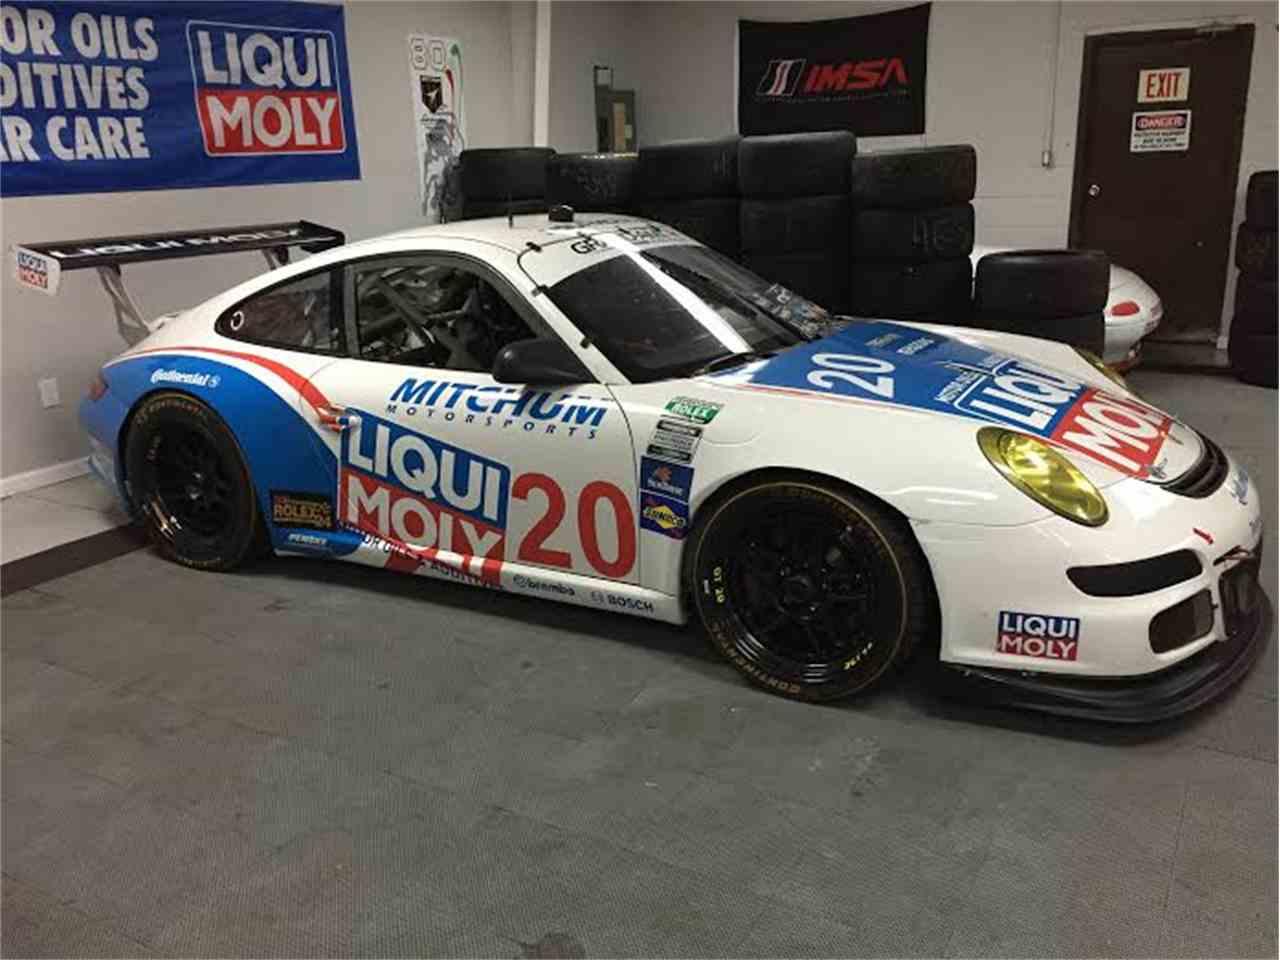 2008 Porsche Race Car for Sale | ClassicCars.com | CC-1004912